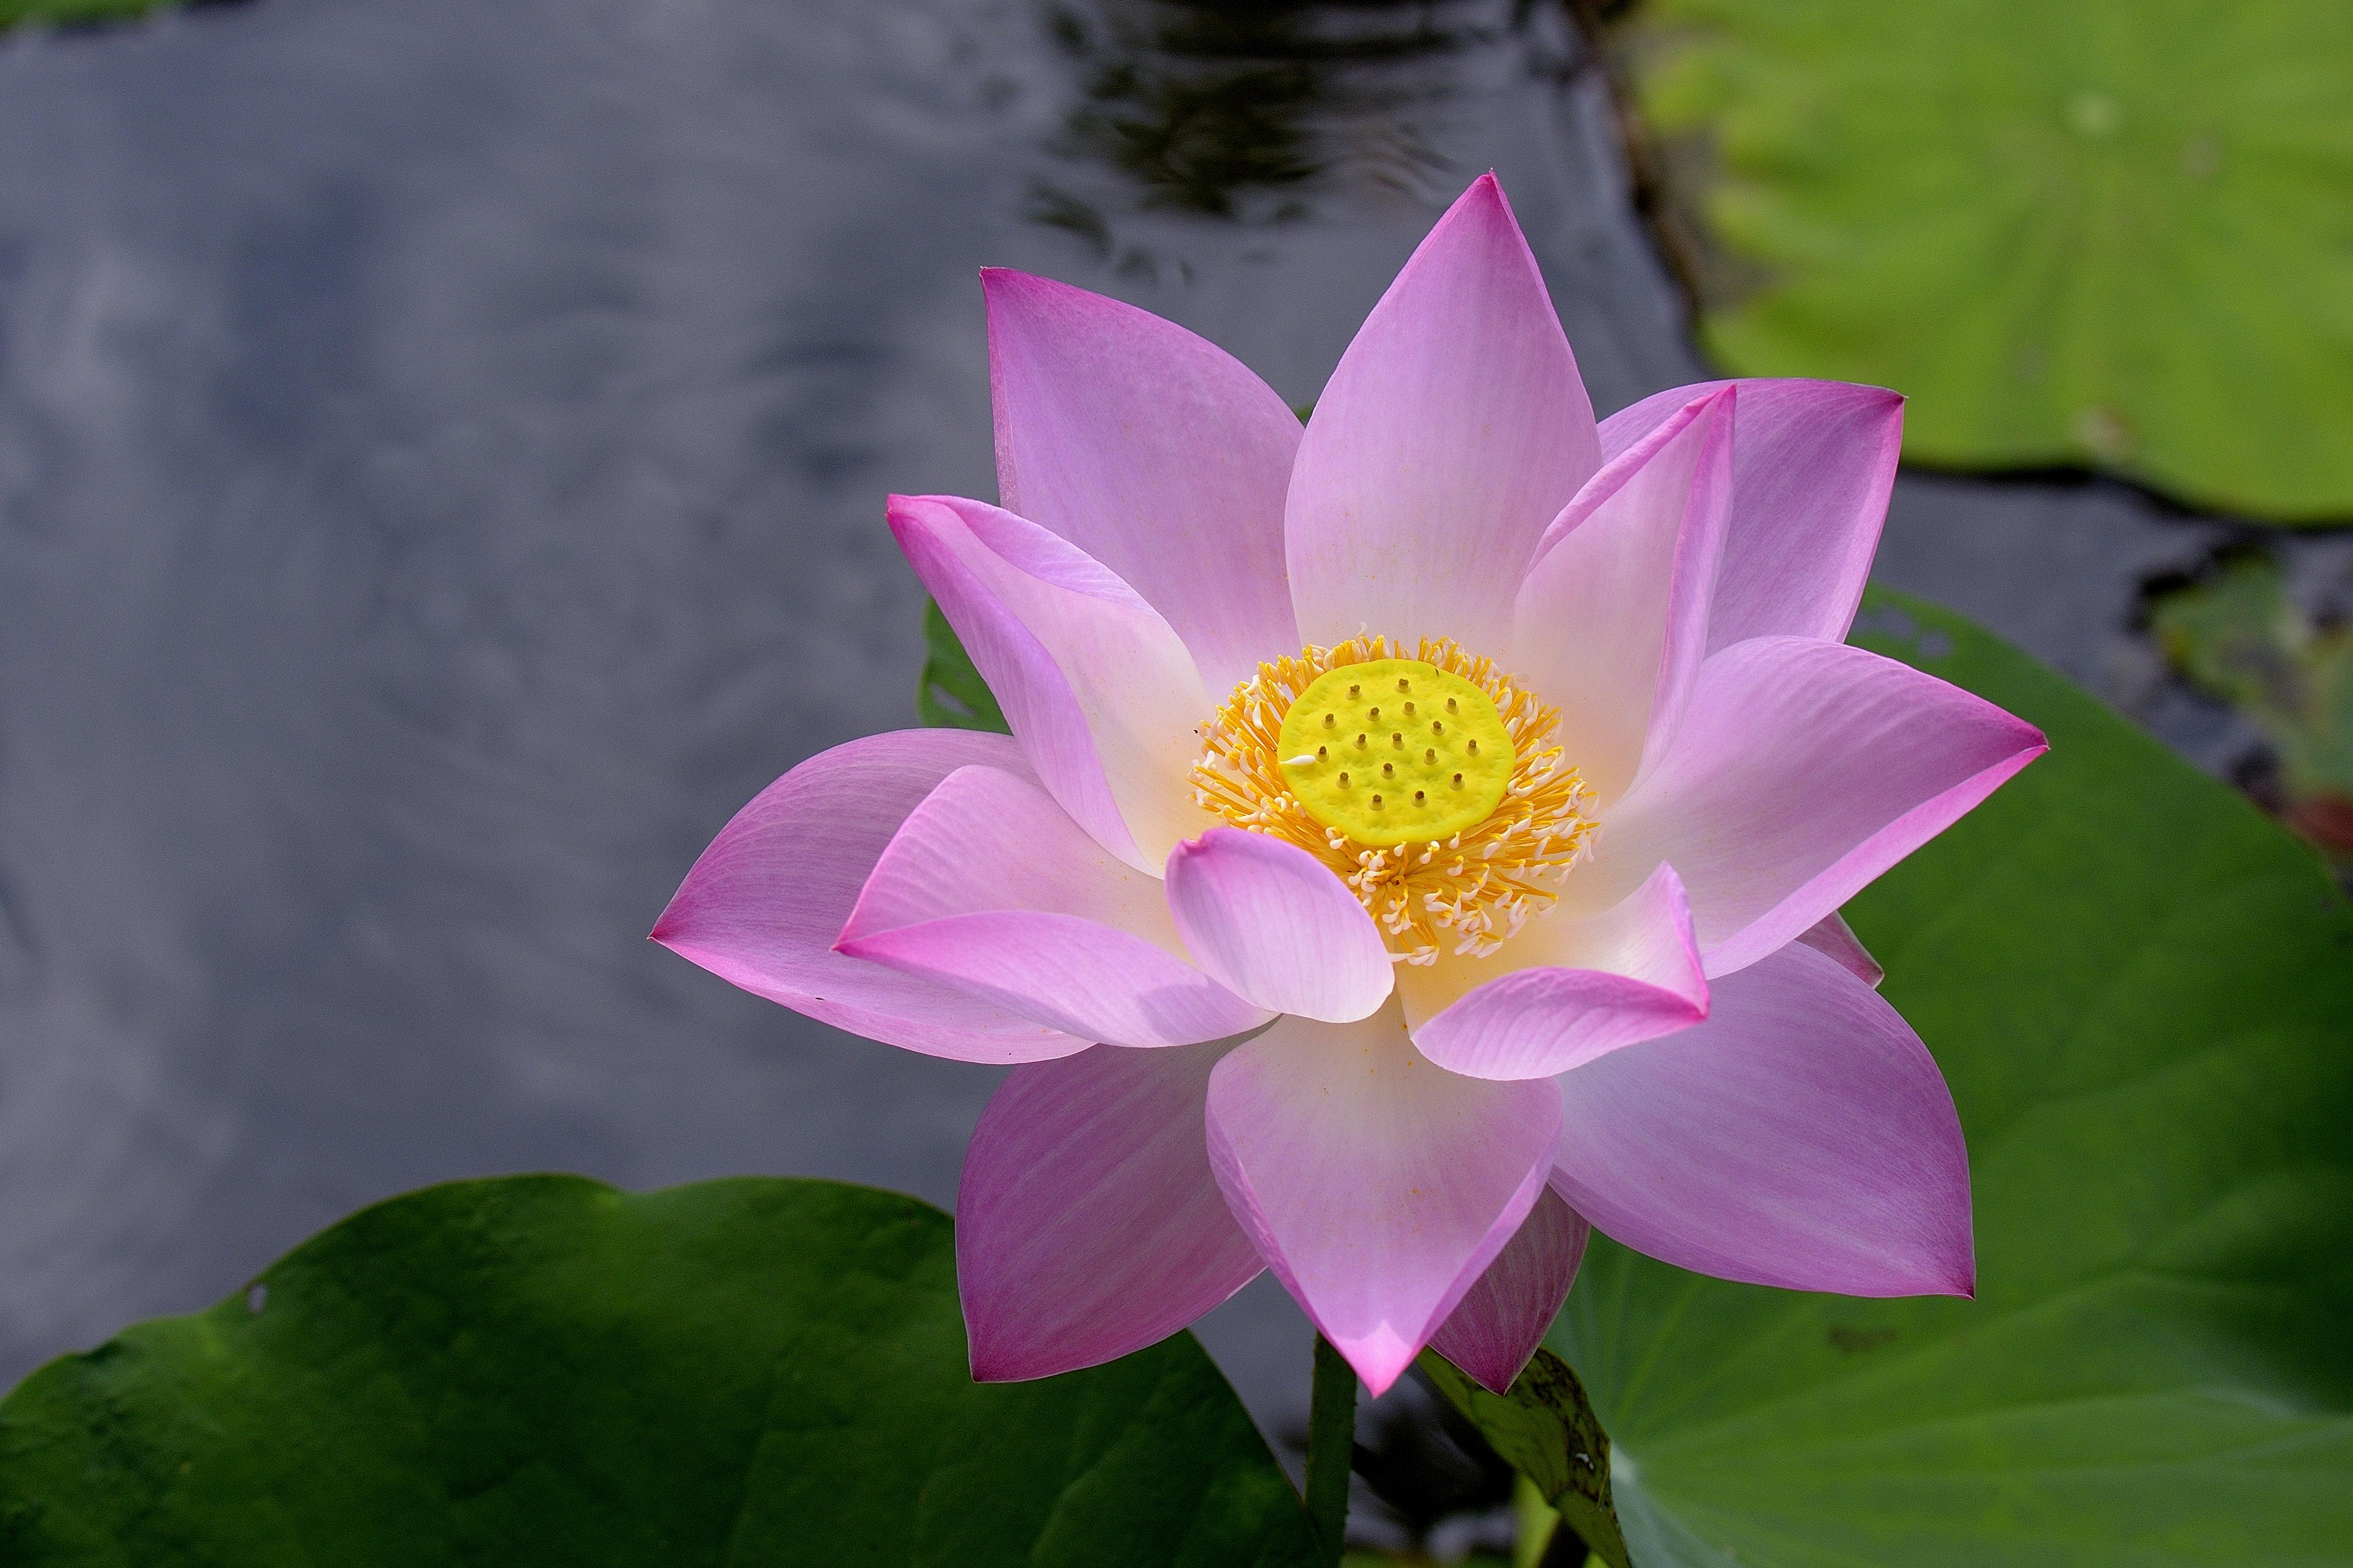 Лотос — символ чистоты и иных качеств: какое значение имеет цветок, в том числе в буддизме, что дает талисман женщинам, как носить подвеску и другие амулеты?